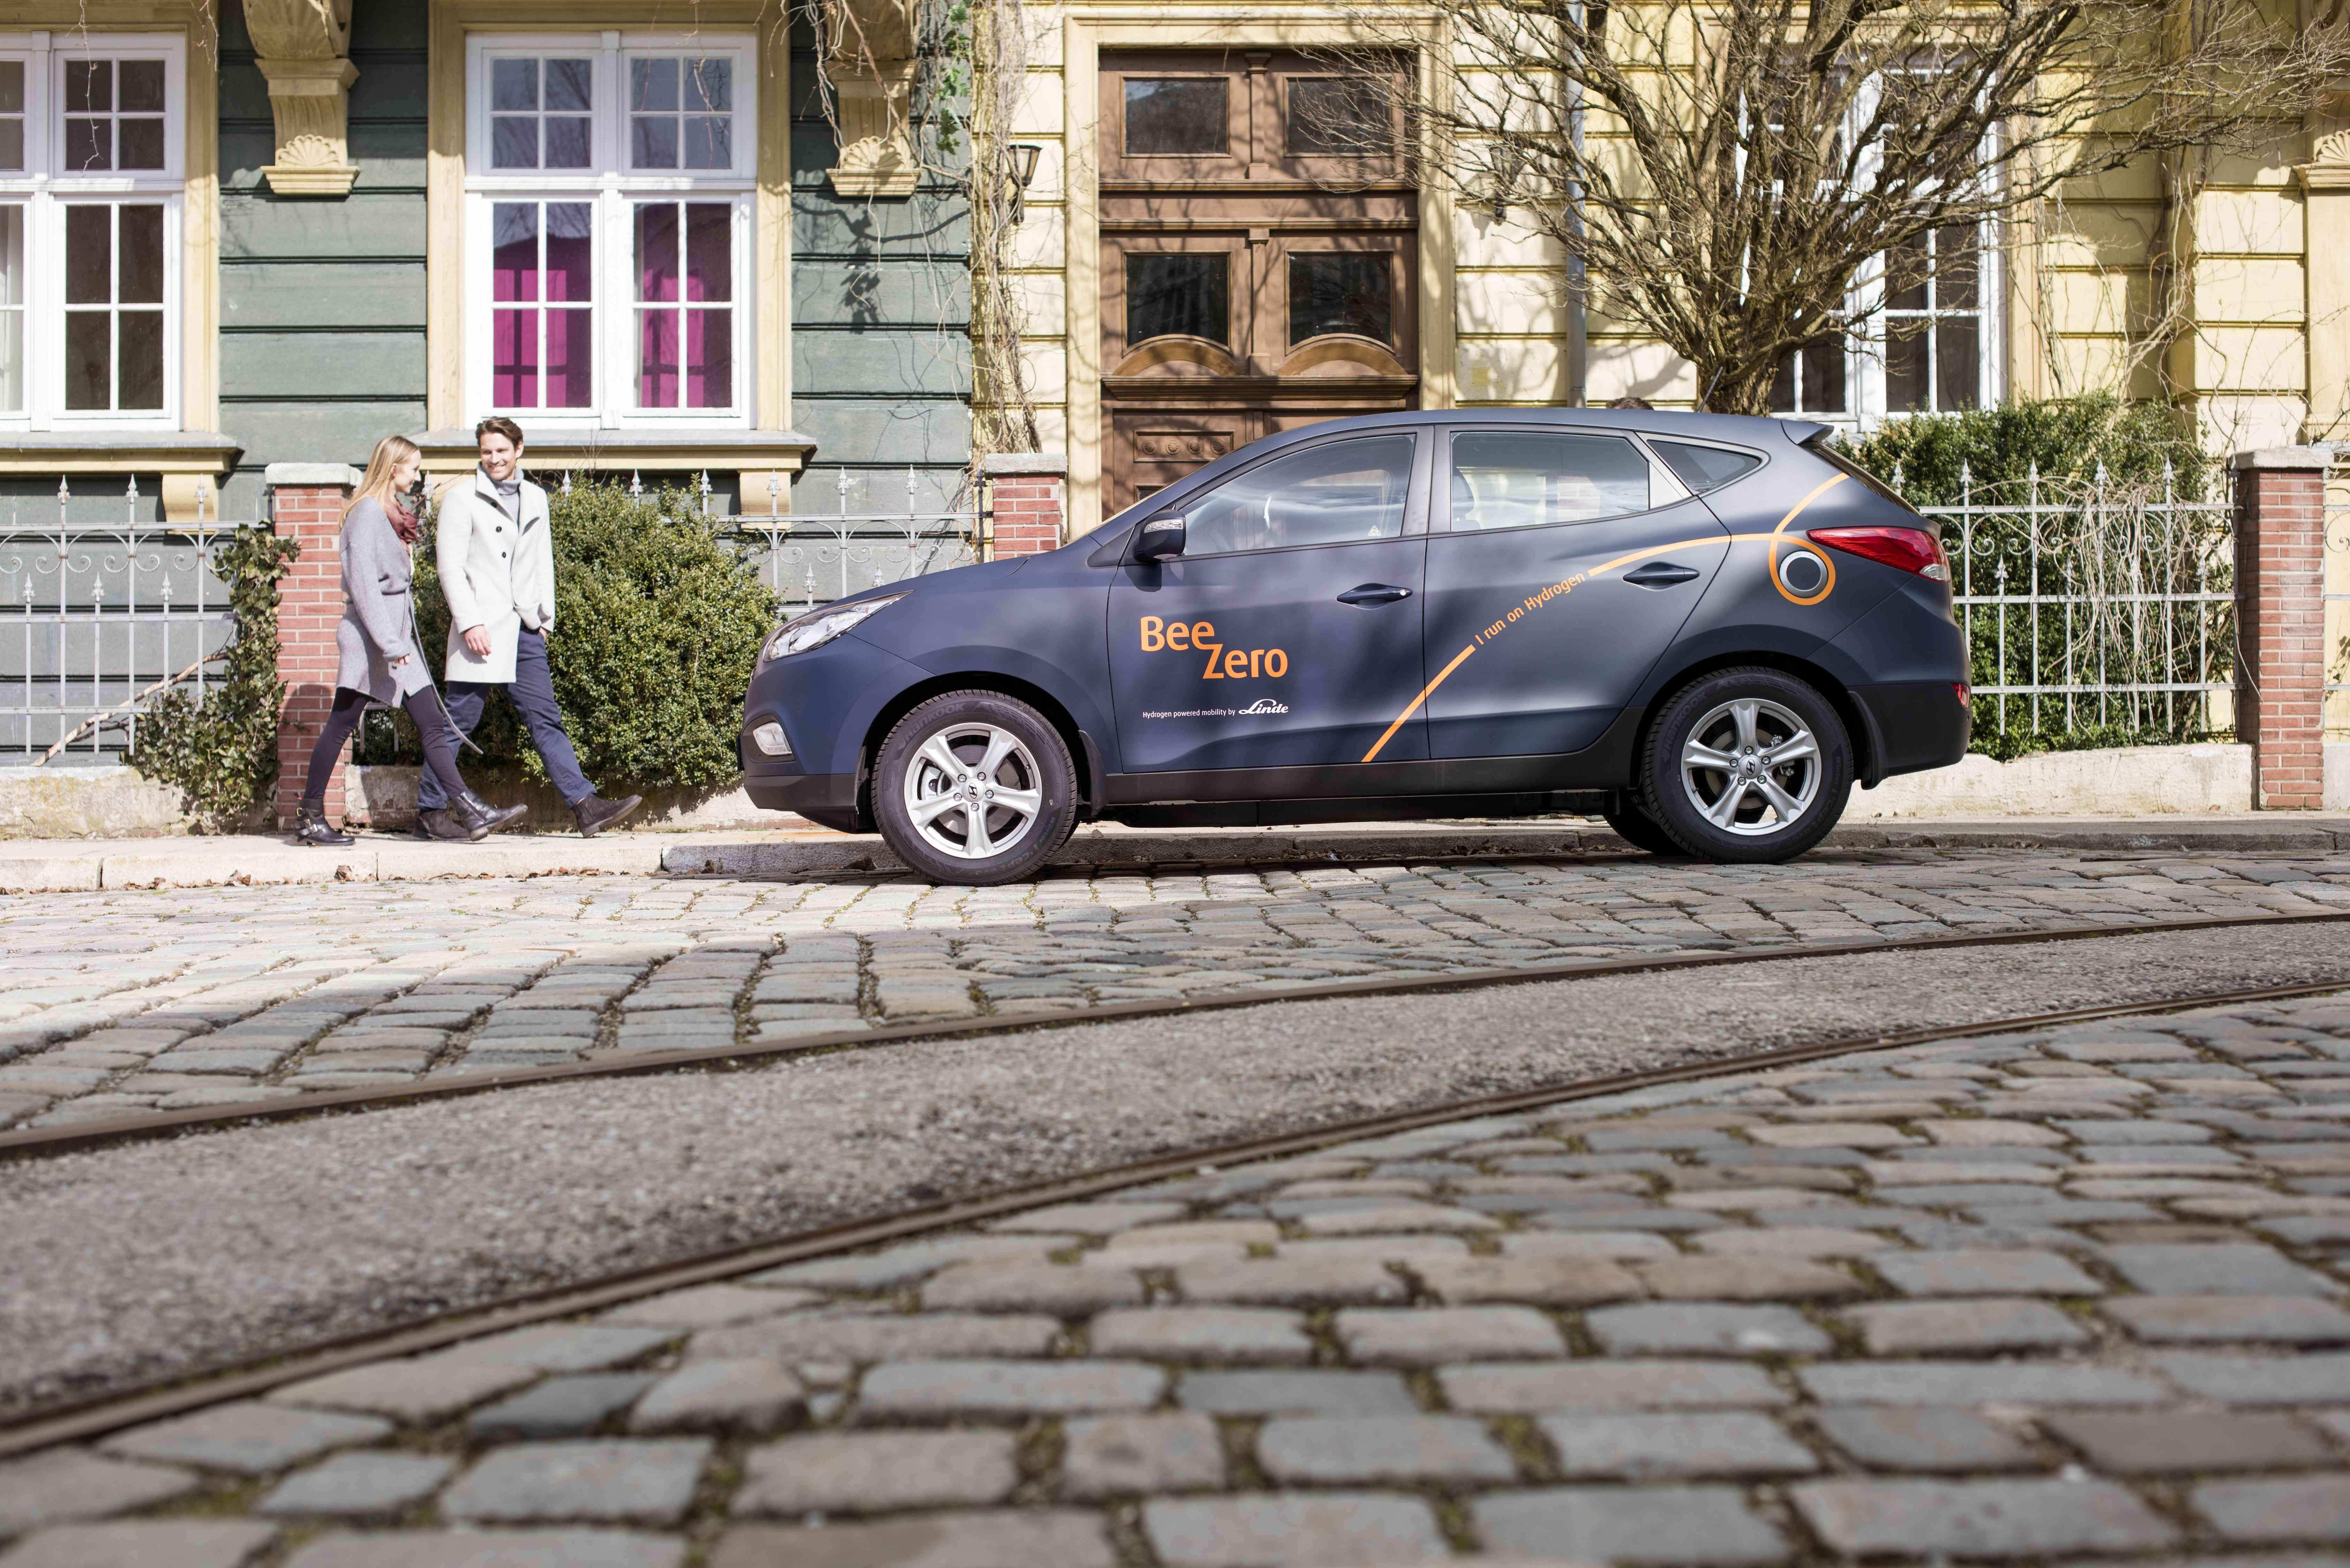 Hyundai - Car sharing BeeZero